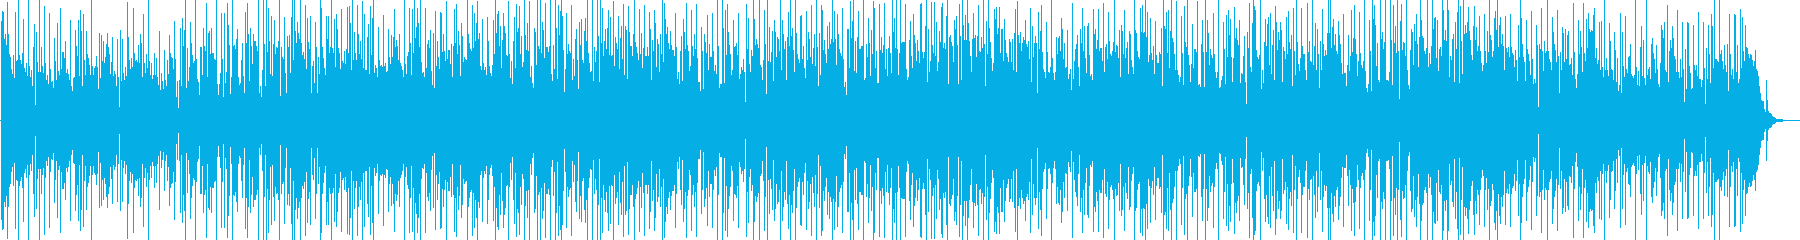 哀愁をおびたアコースティックロックの再生済みの波形